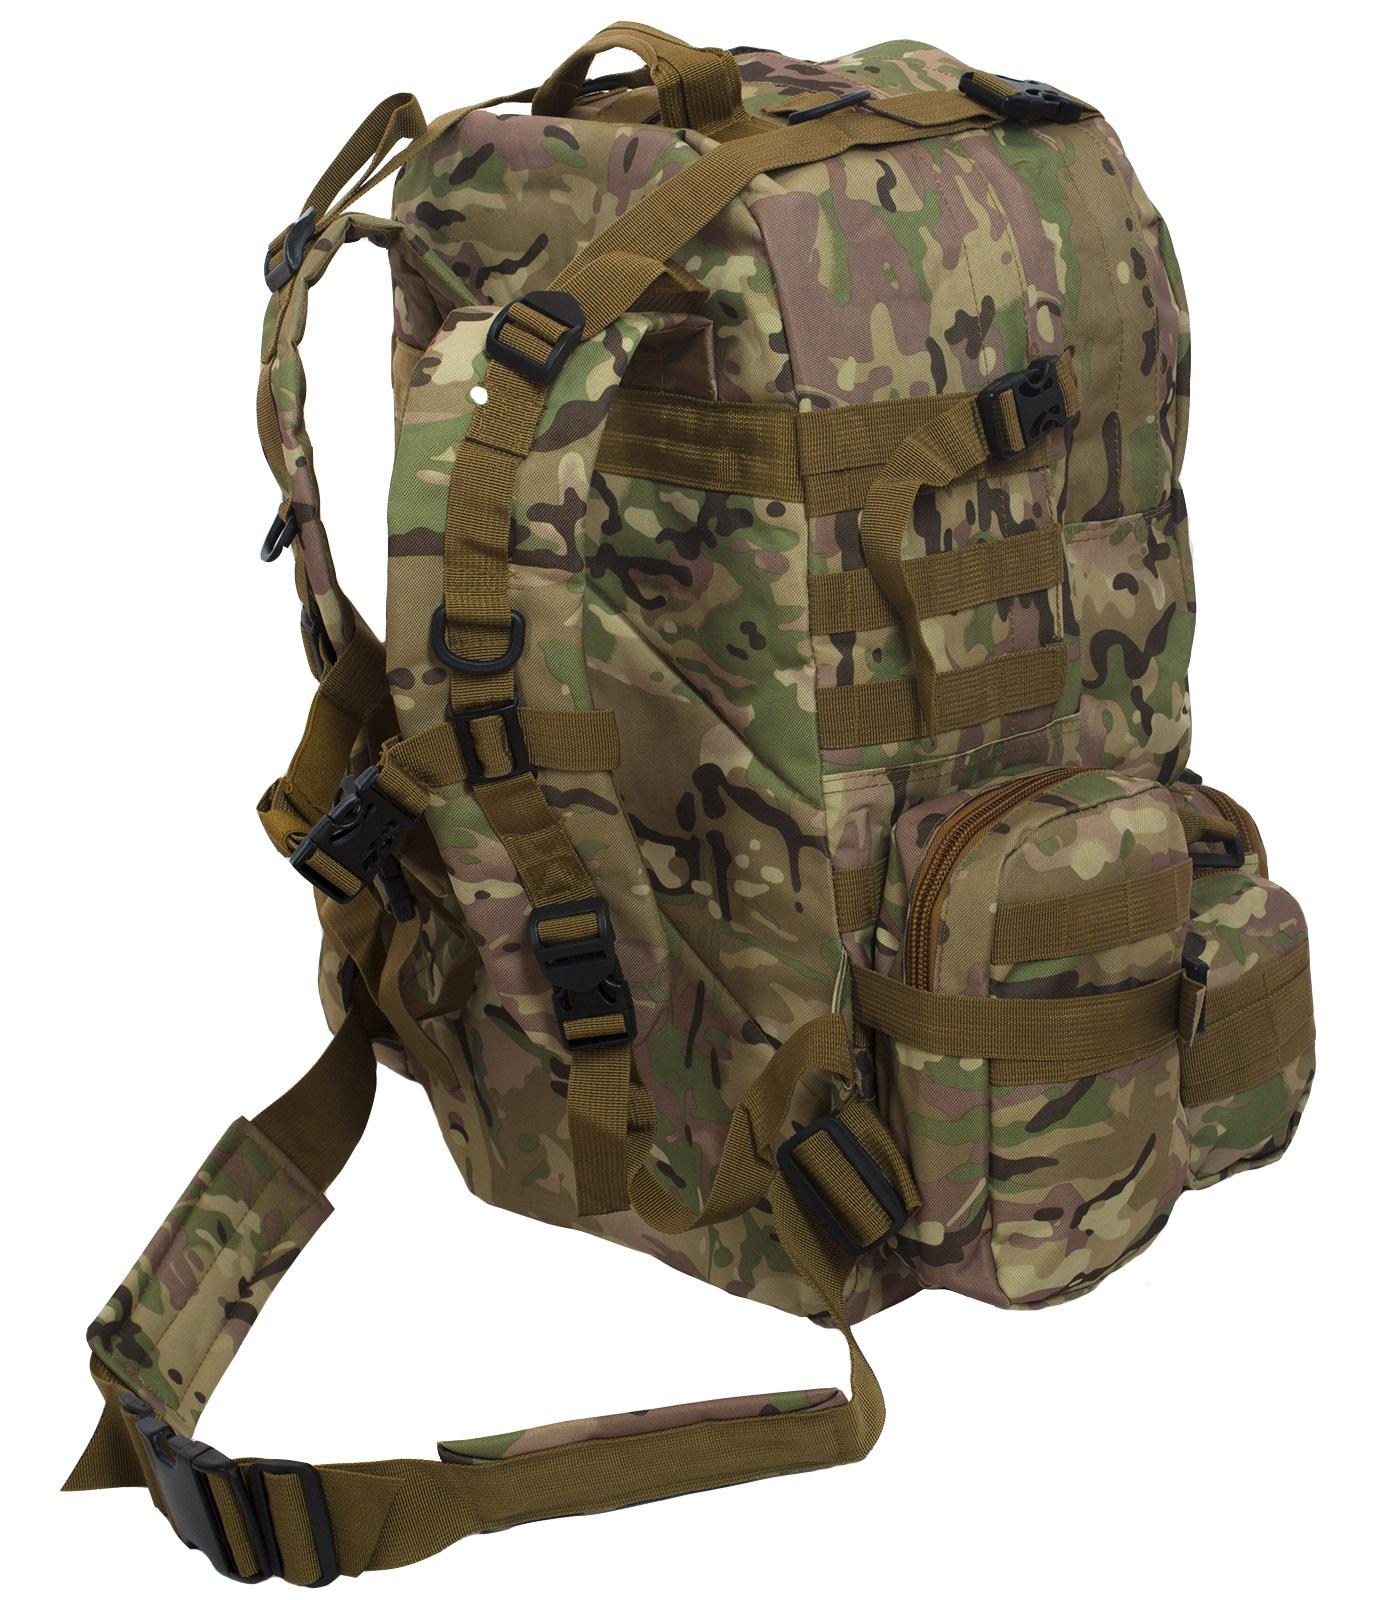 Функциональный тактический рюкзак ДПС от ТМ US Assault - заказать оптом